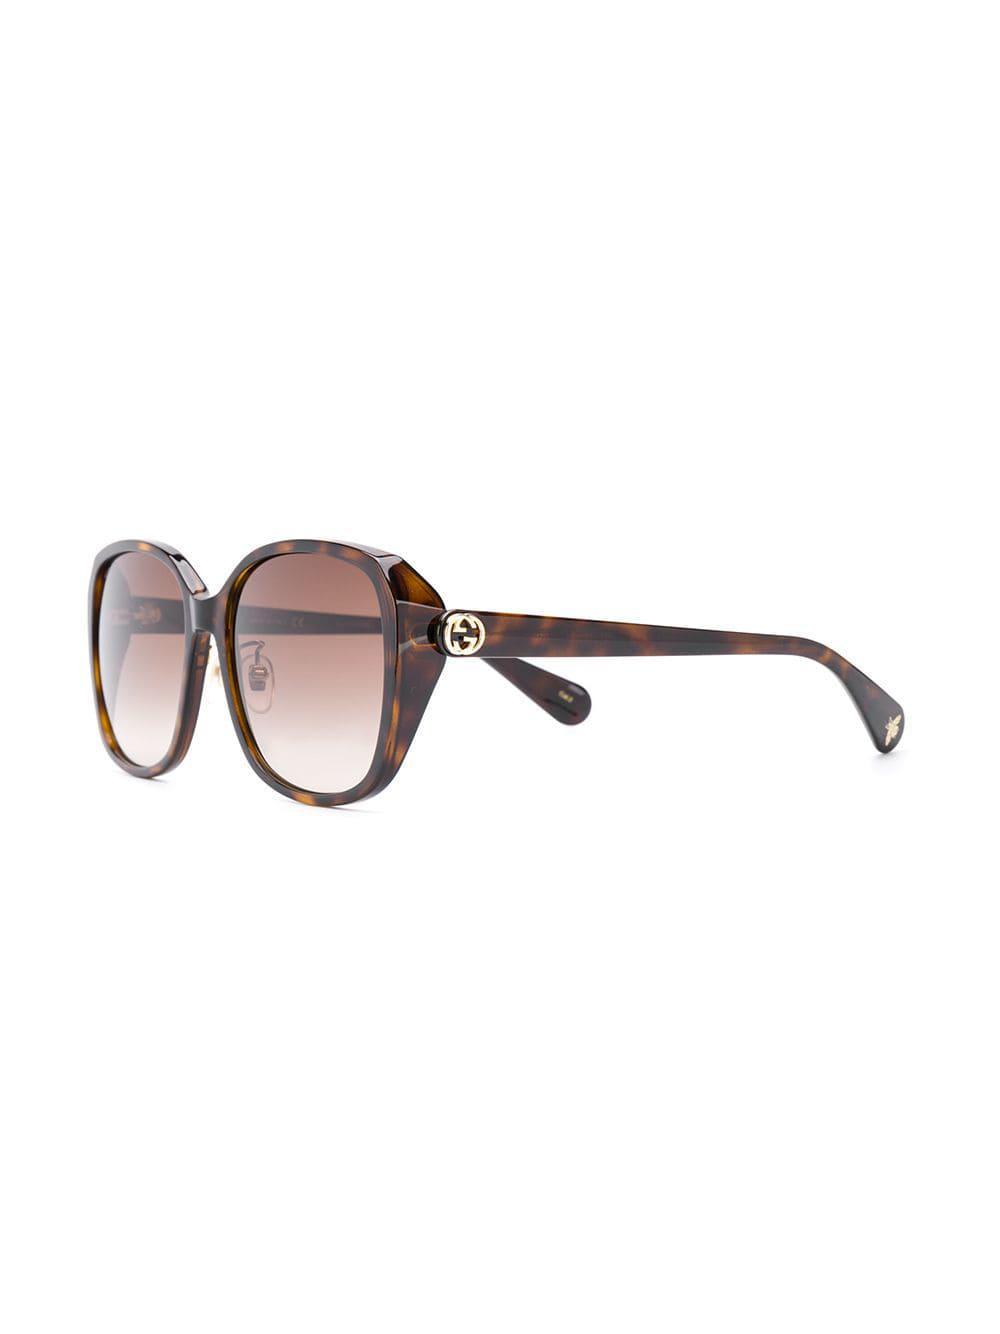 2e950f11c7a Gucci Square Sunglasses in Brown - Lyst